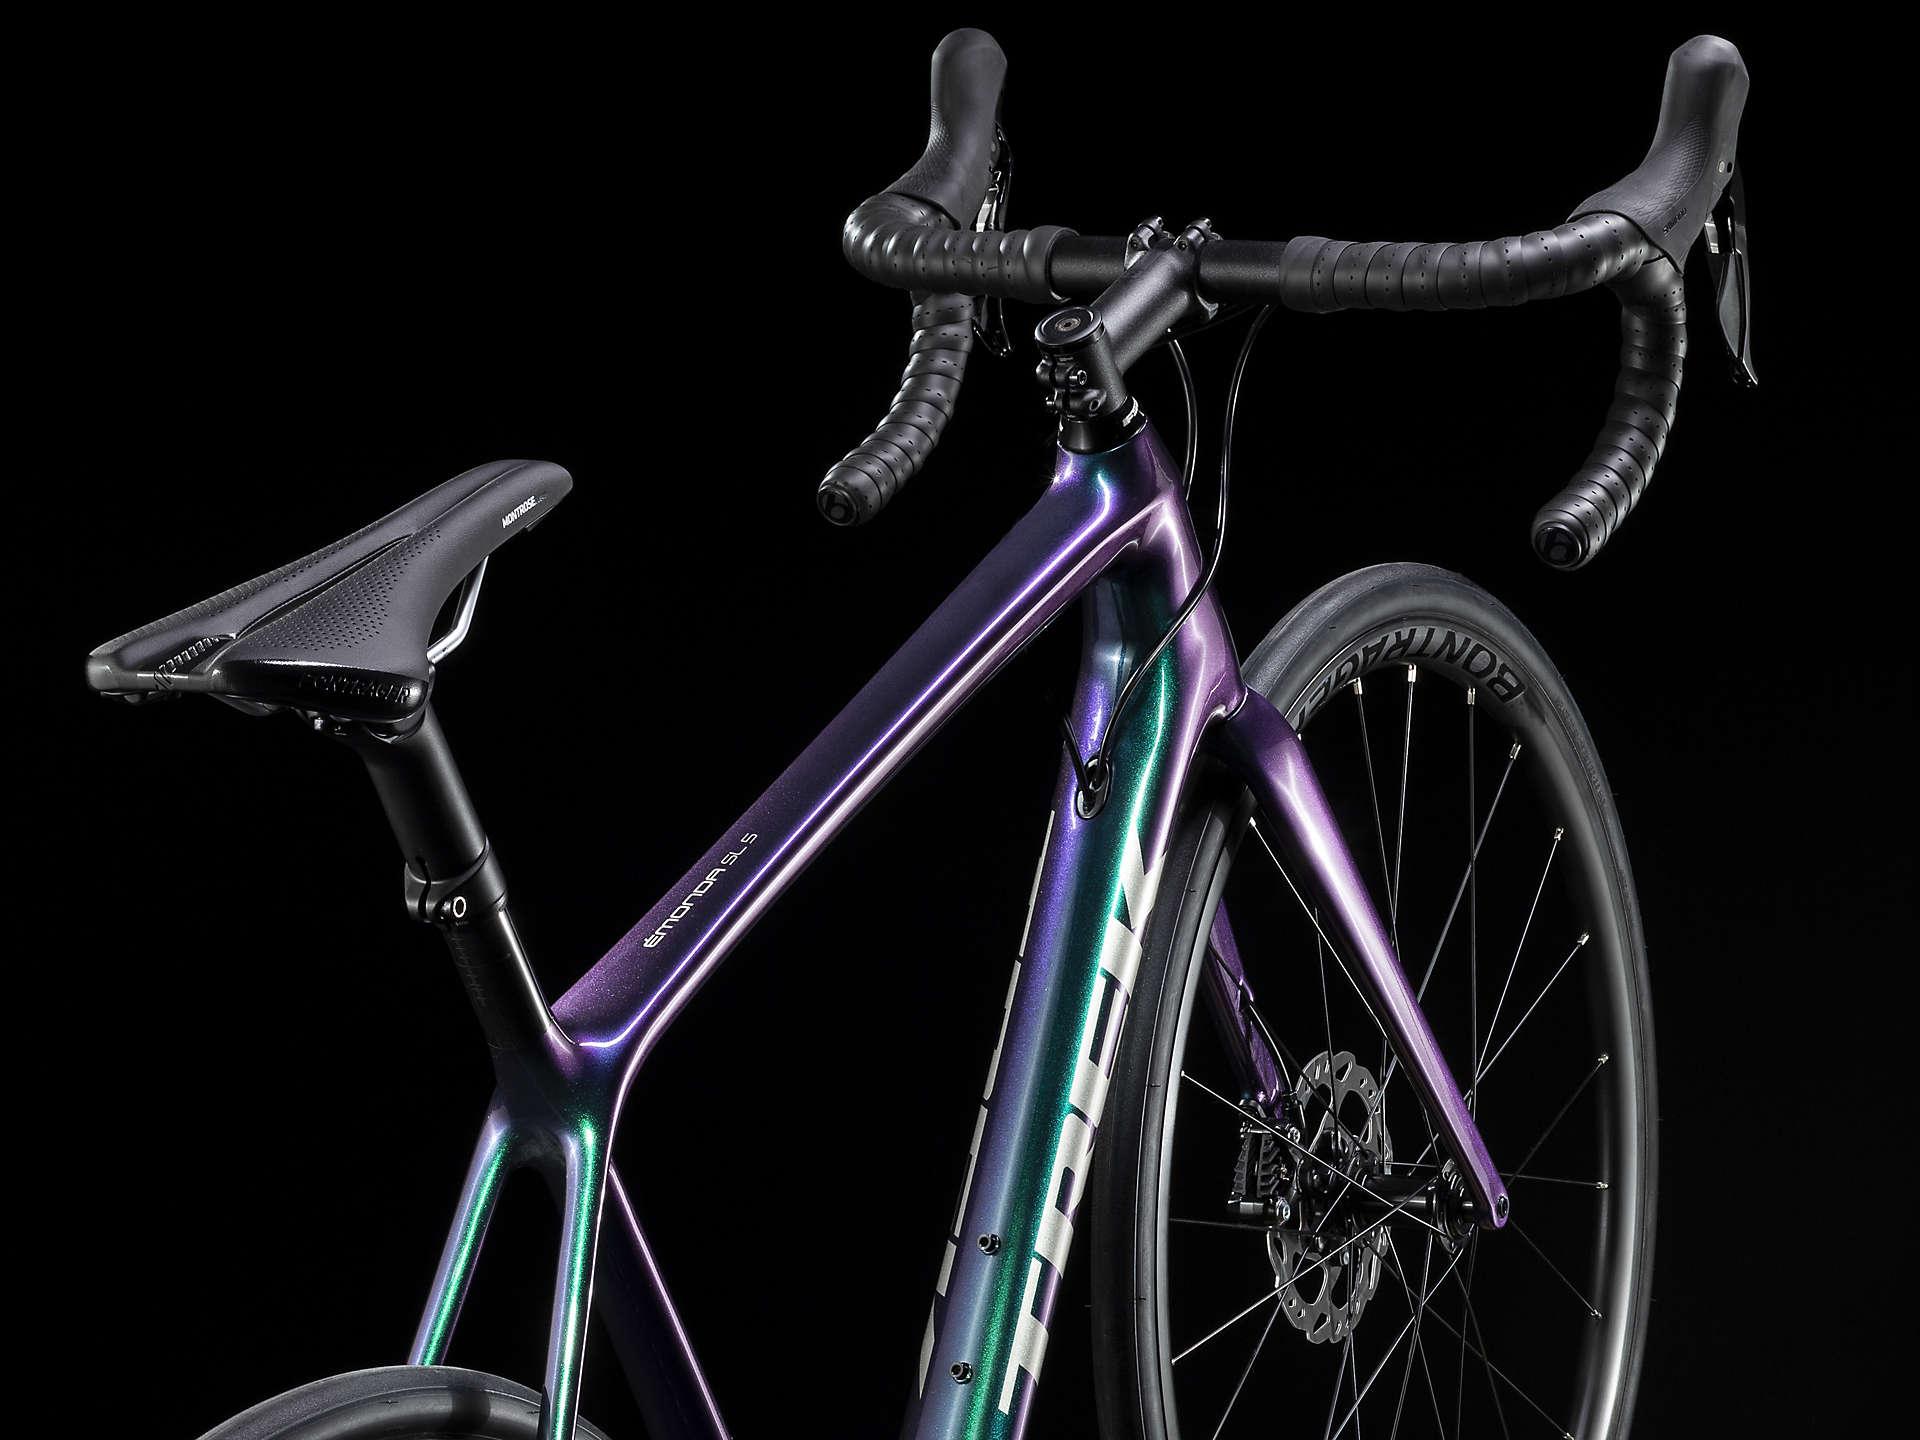 【2020年モデル】軽量カーボンロードバイク『Émonda SL Disc』が登場!